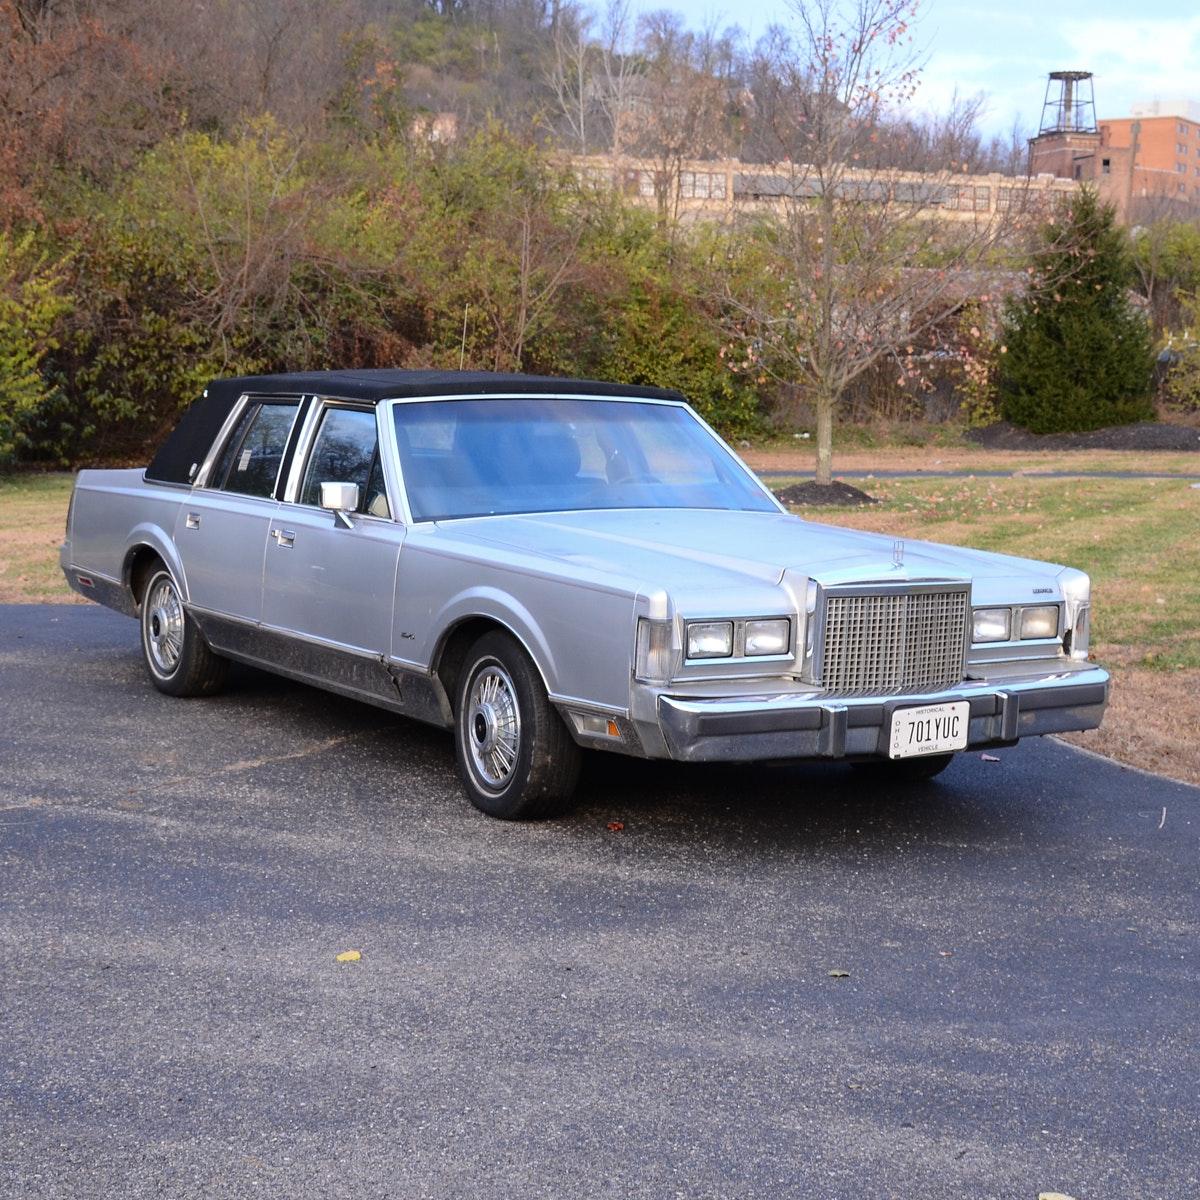 1987 Silver Lincoln Town Car